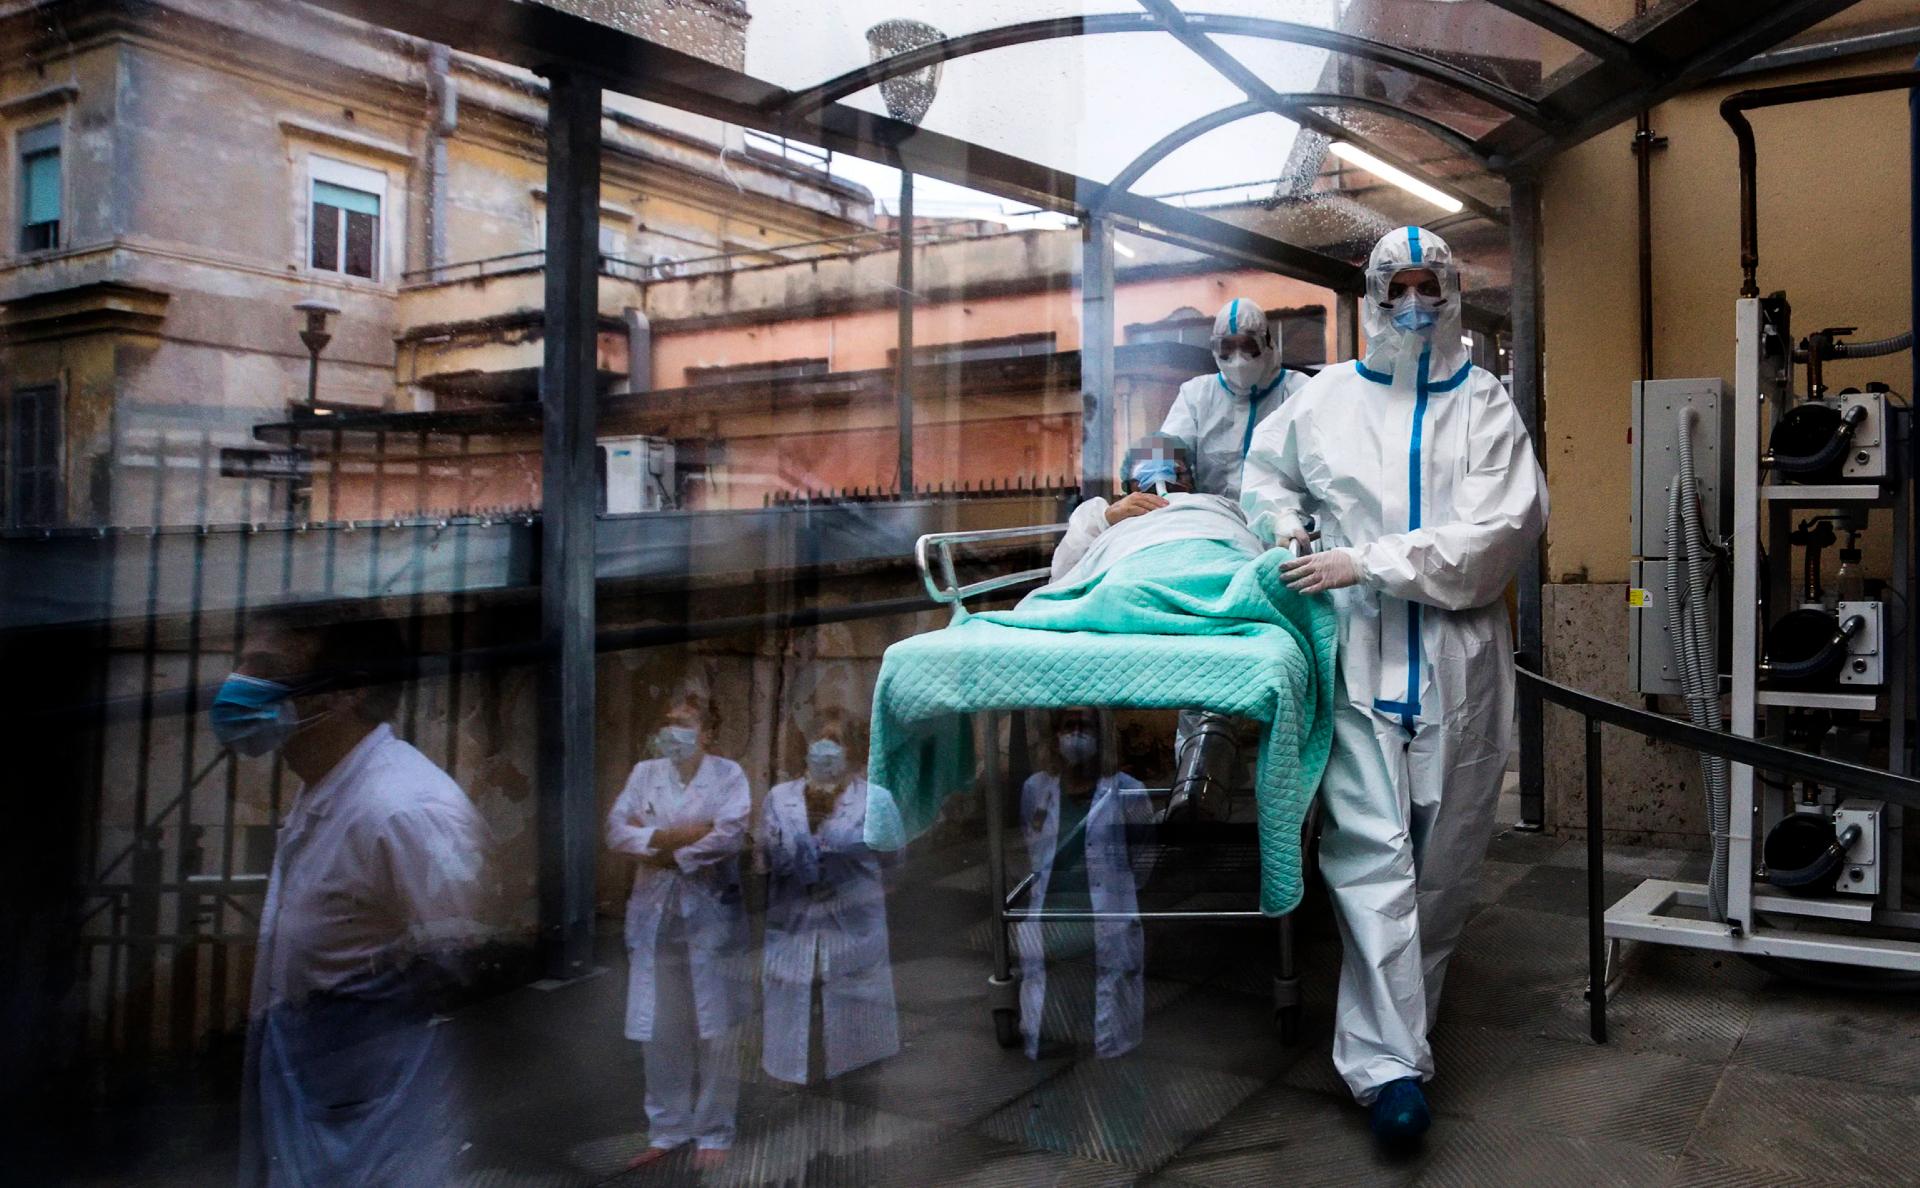 В Москве число умерших из-за COVID-19 превысило 10 тыс. человек